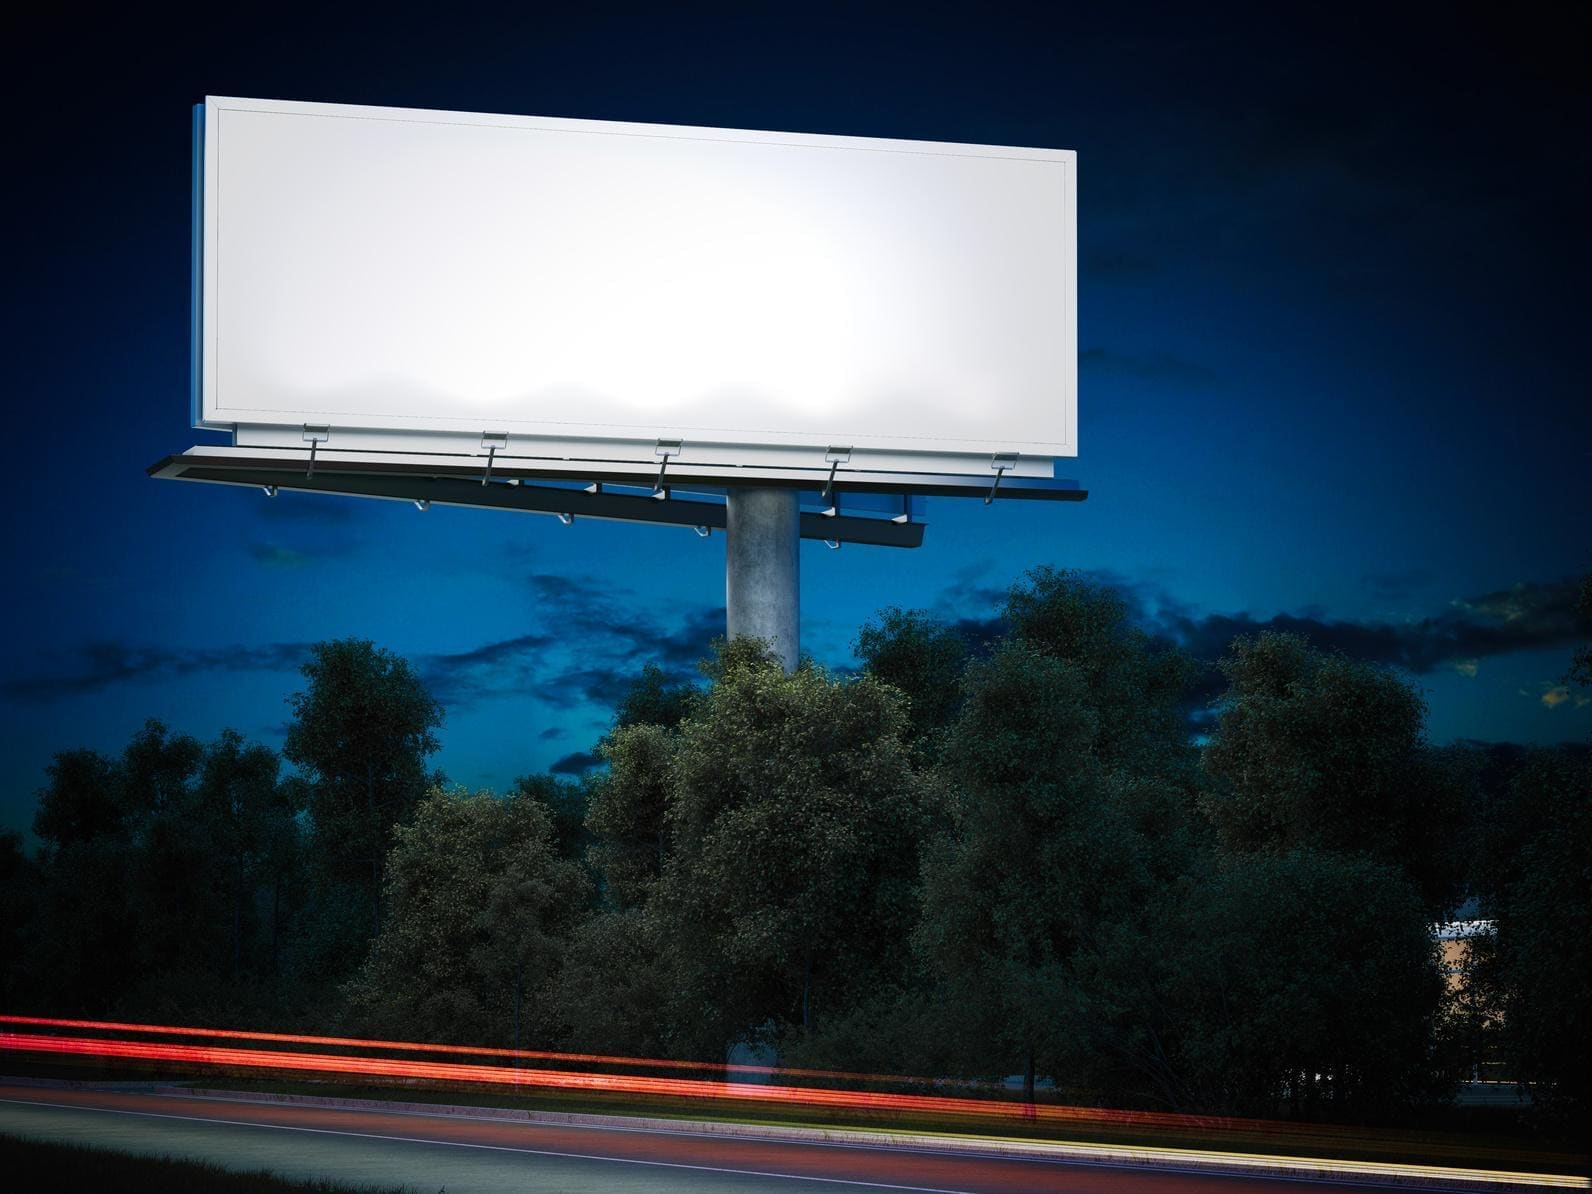 pusty szyld reklamowy